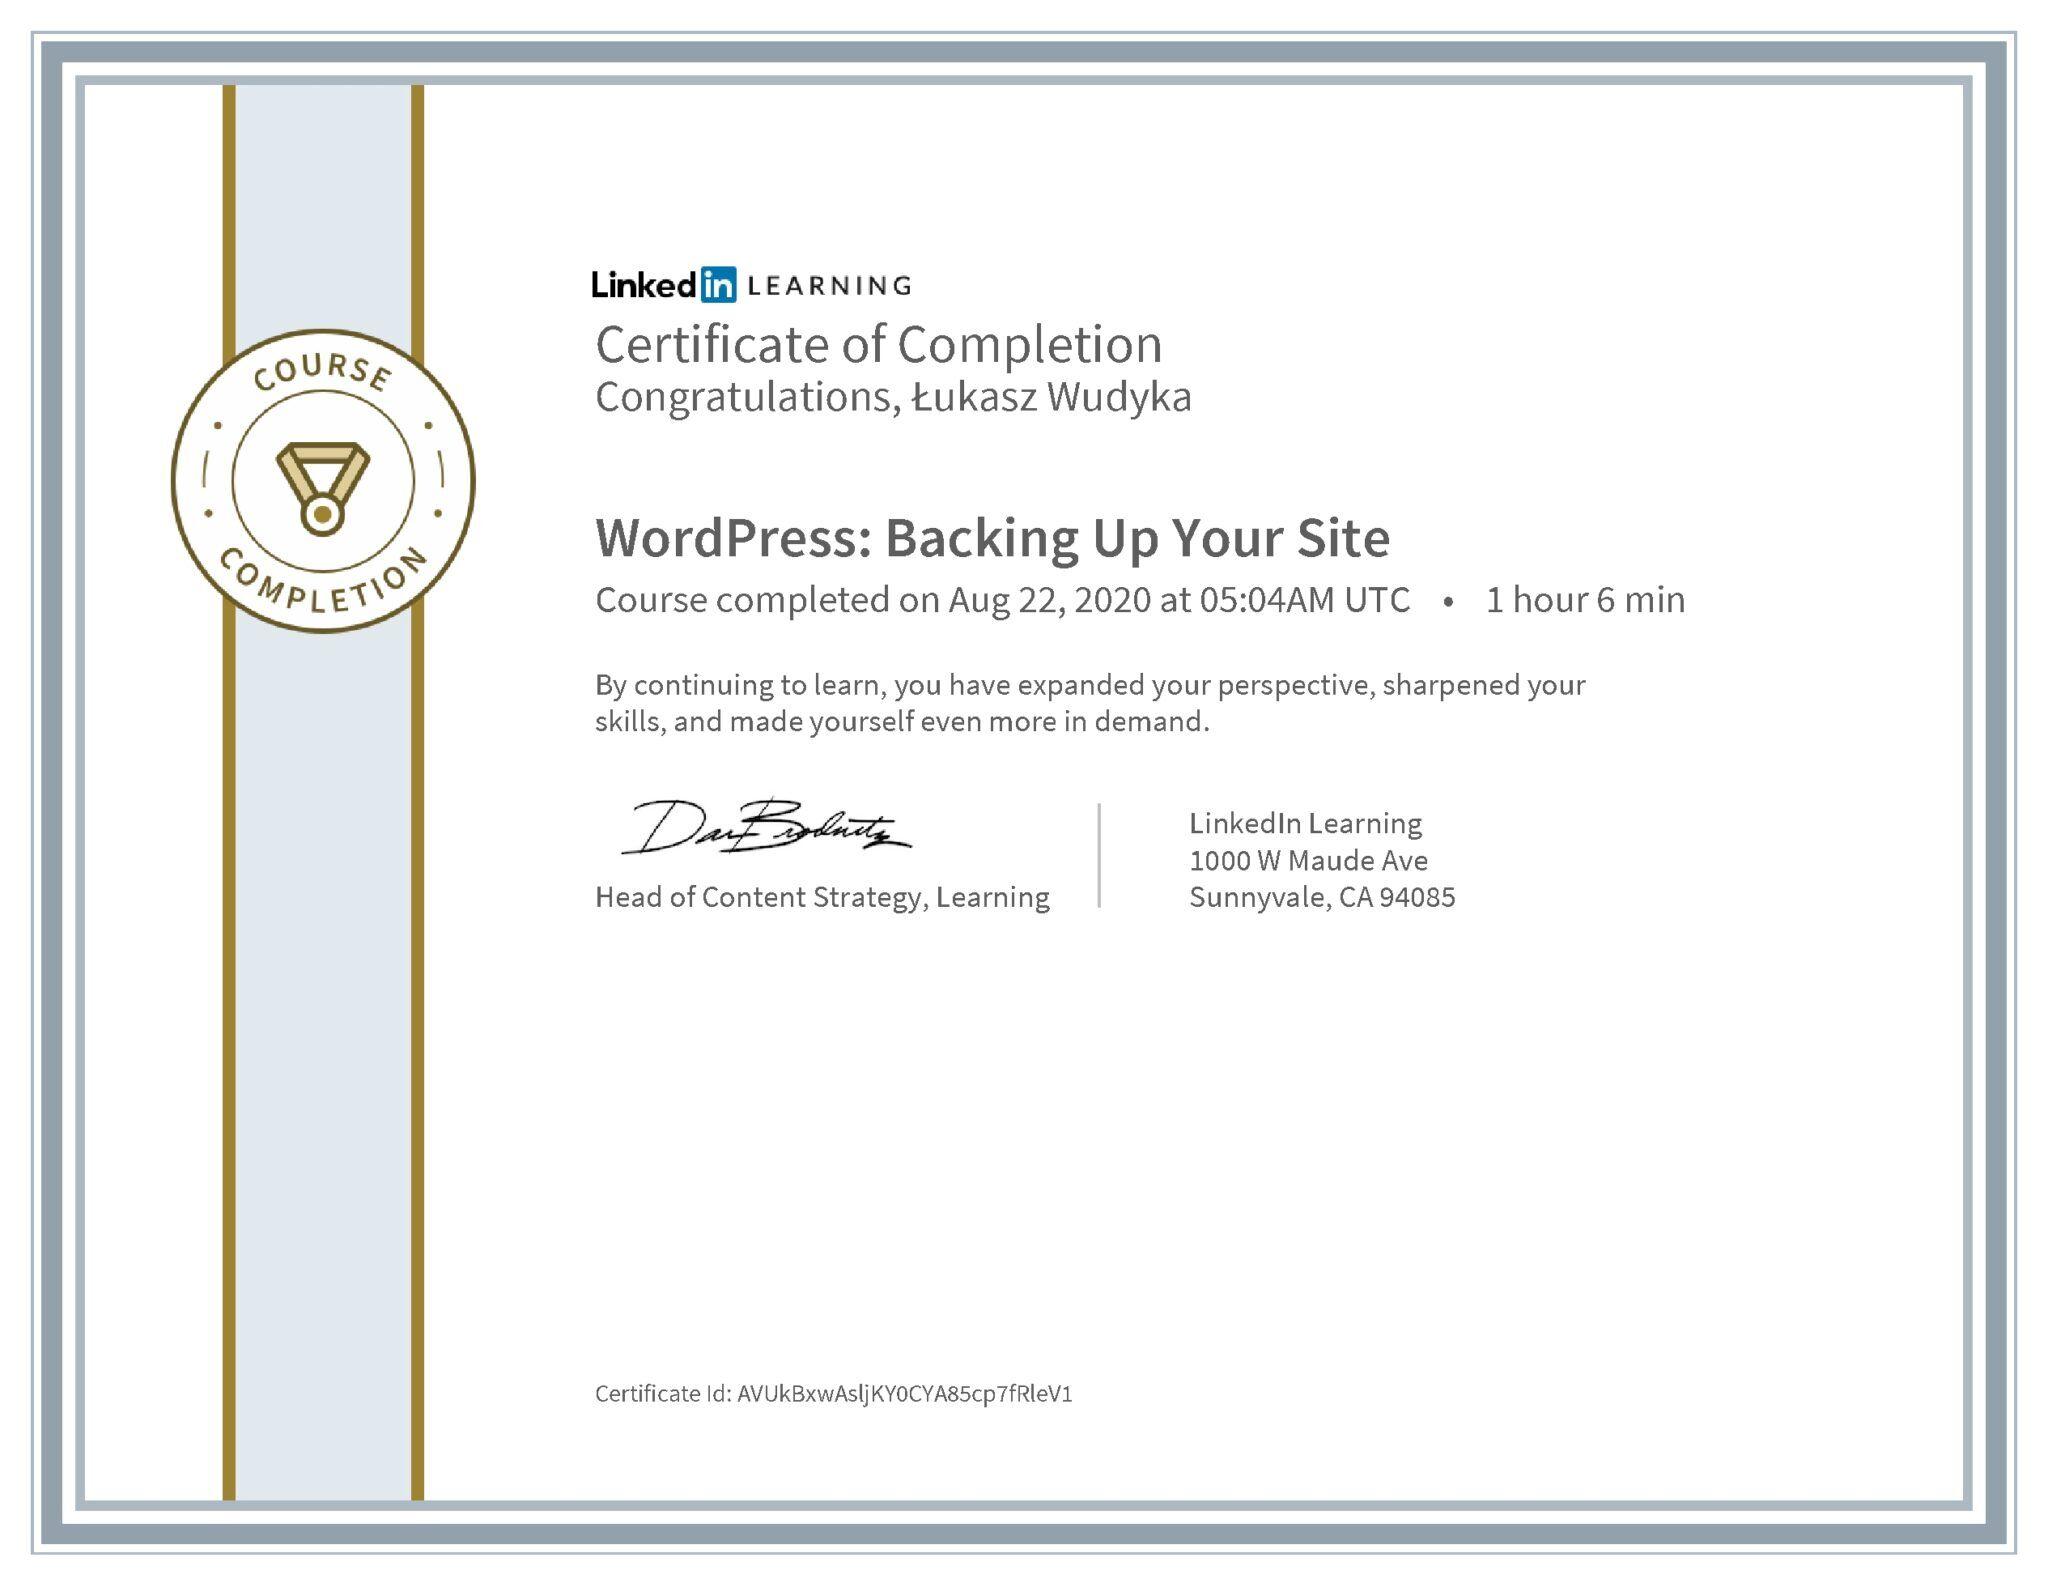 Łukasz Wudyka certyfikat LinkedIn WordPress: Backing Up Your Site